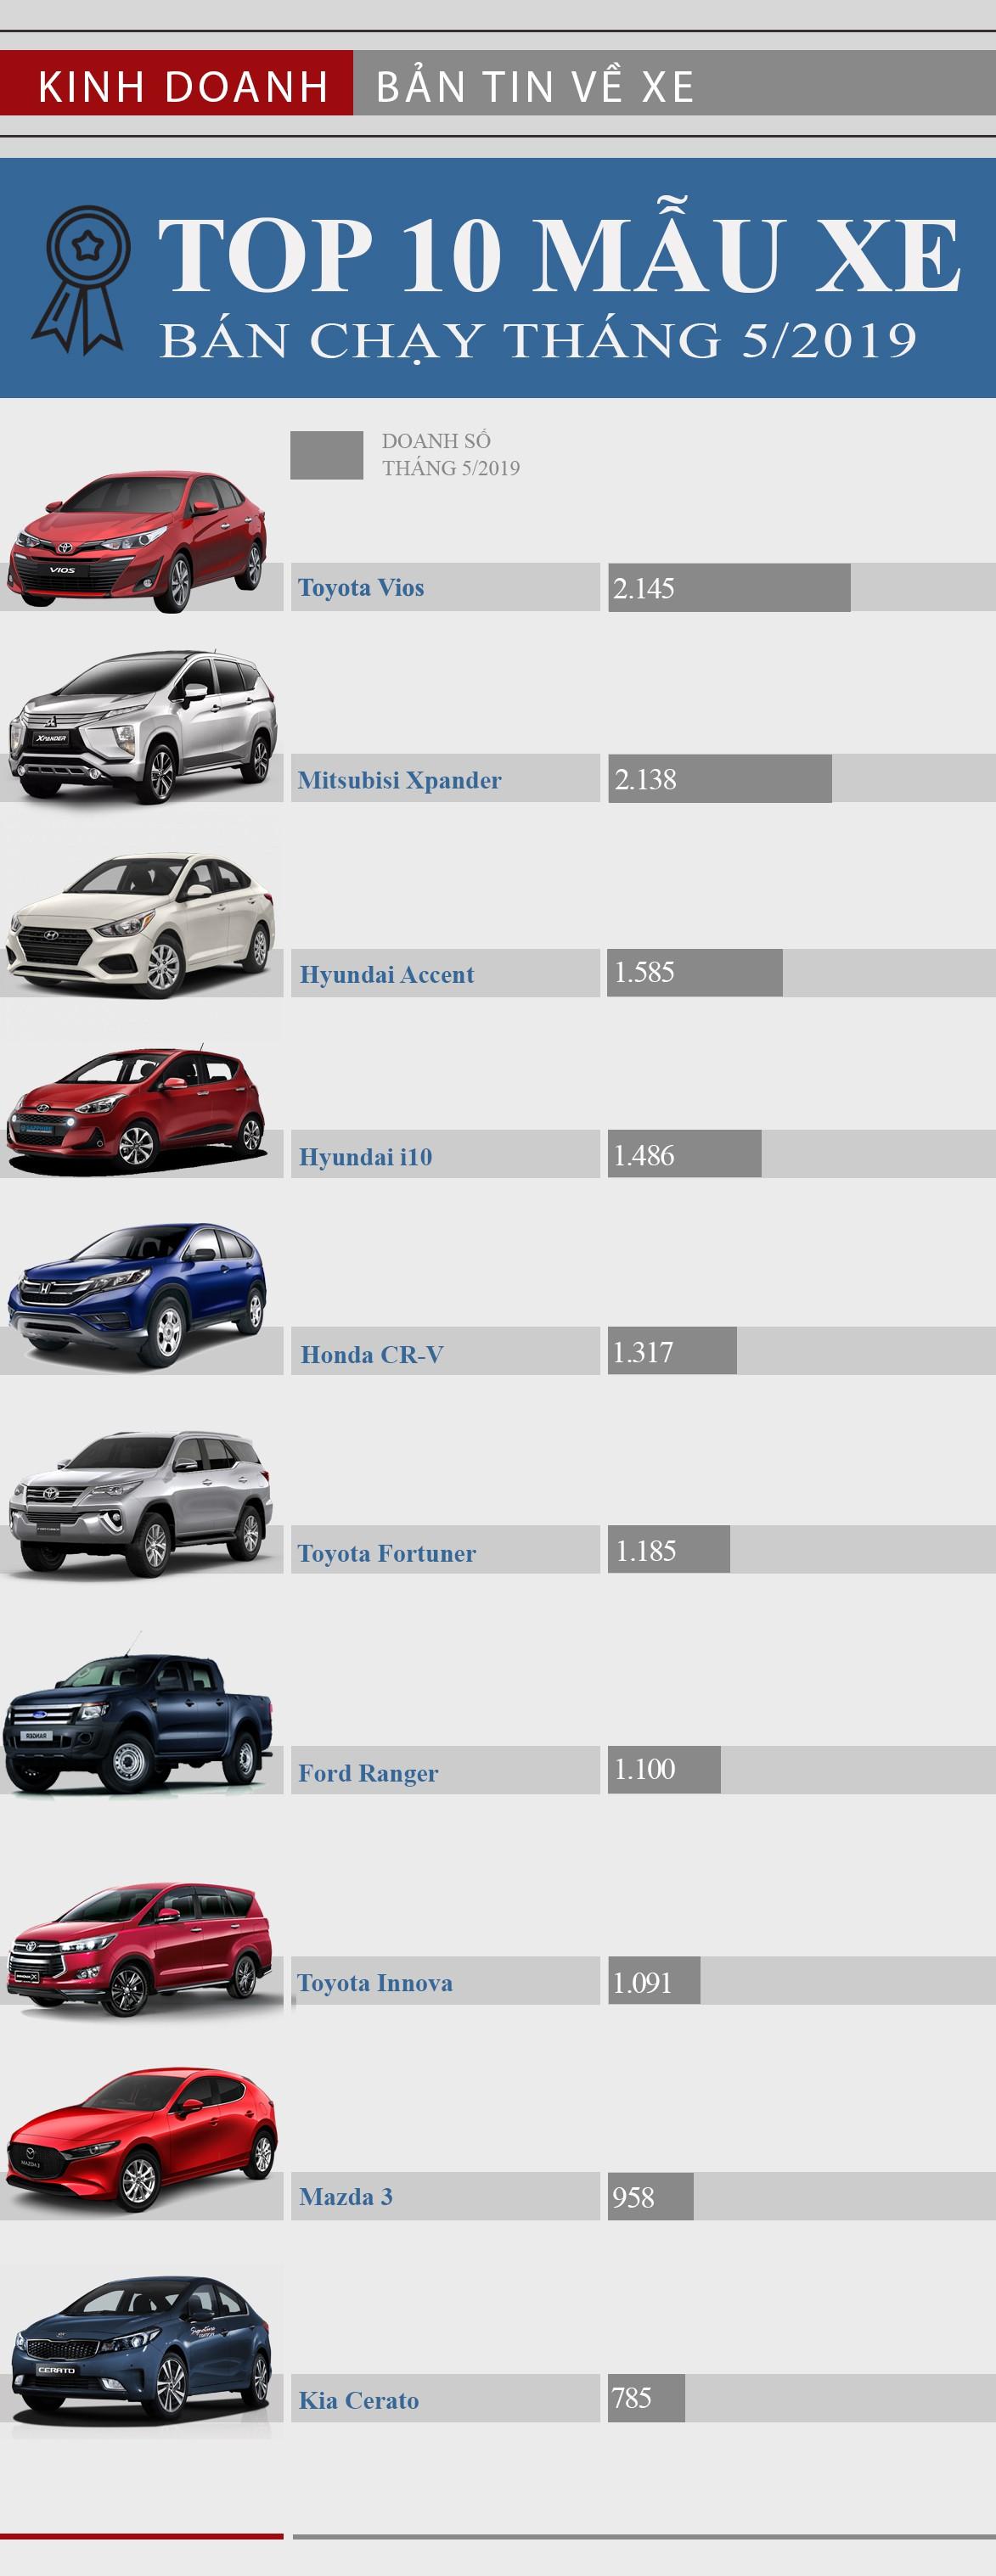 Top 10 mẫu xe bán chạy nhất tháng 5/2019: Toyota Vios bứt phá thành công - Ảnh 1.